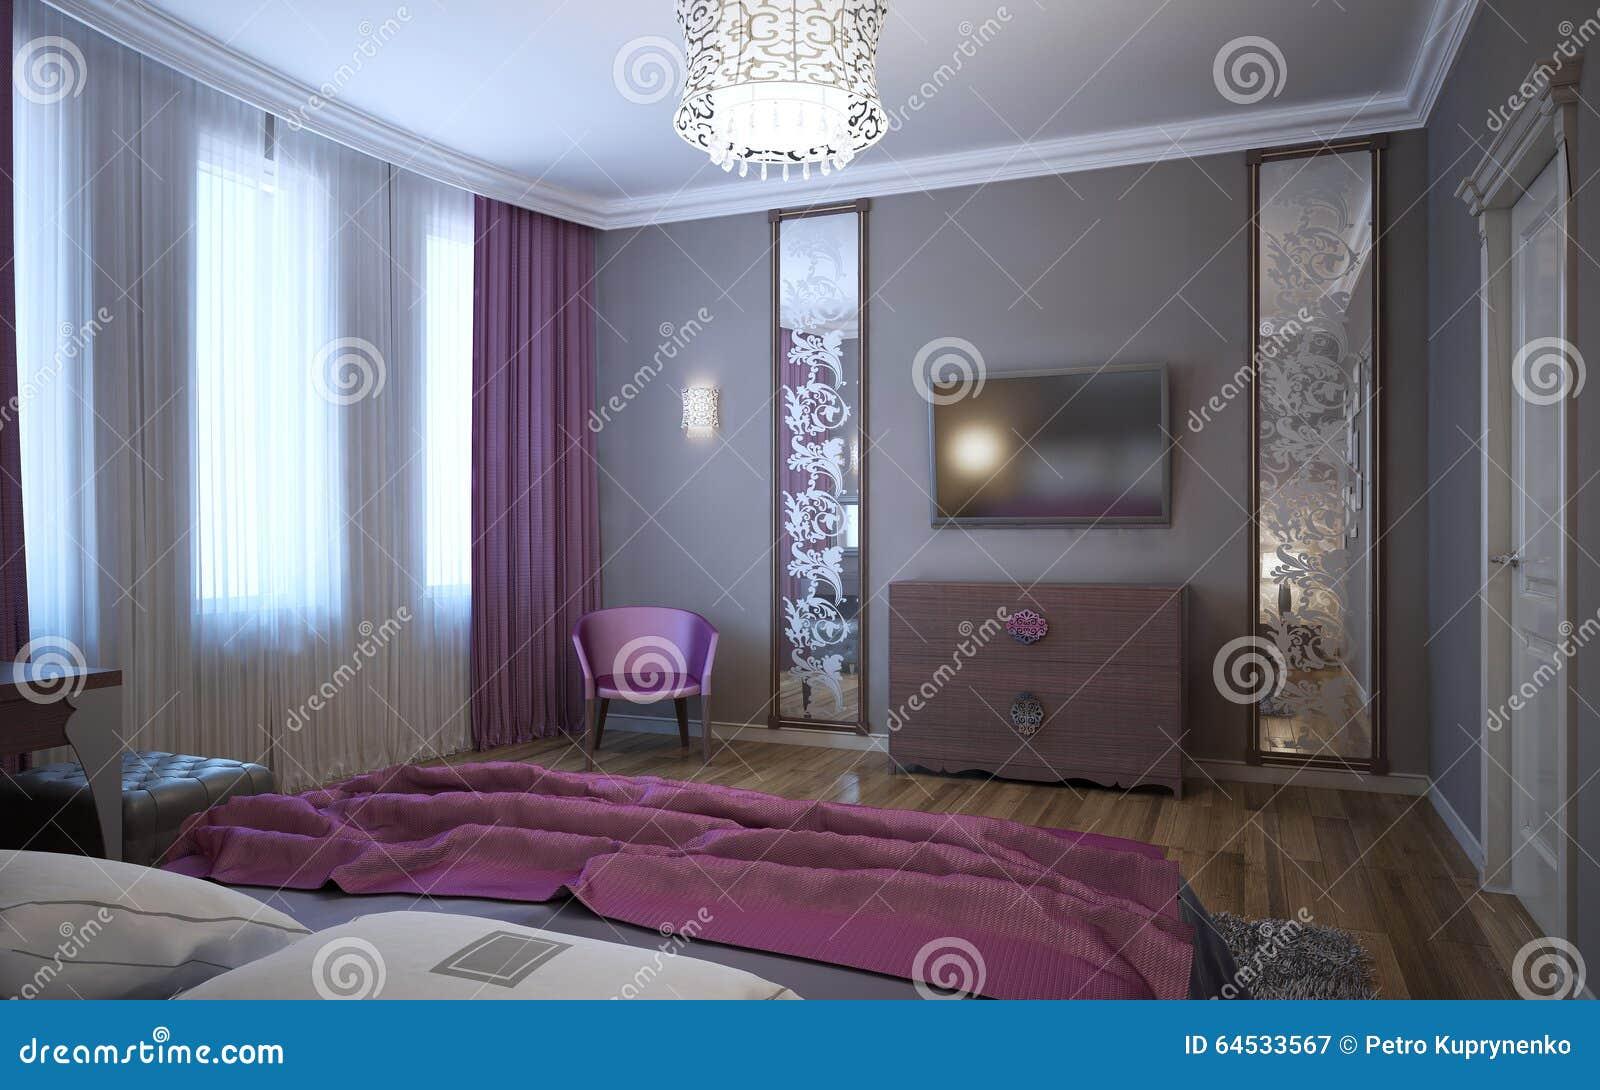 Idee Van Slaapkamer Voor De Jeugd Stock Afbeelding - Afbeelding ...